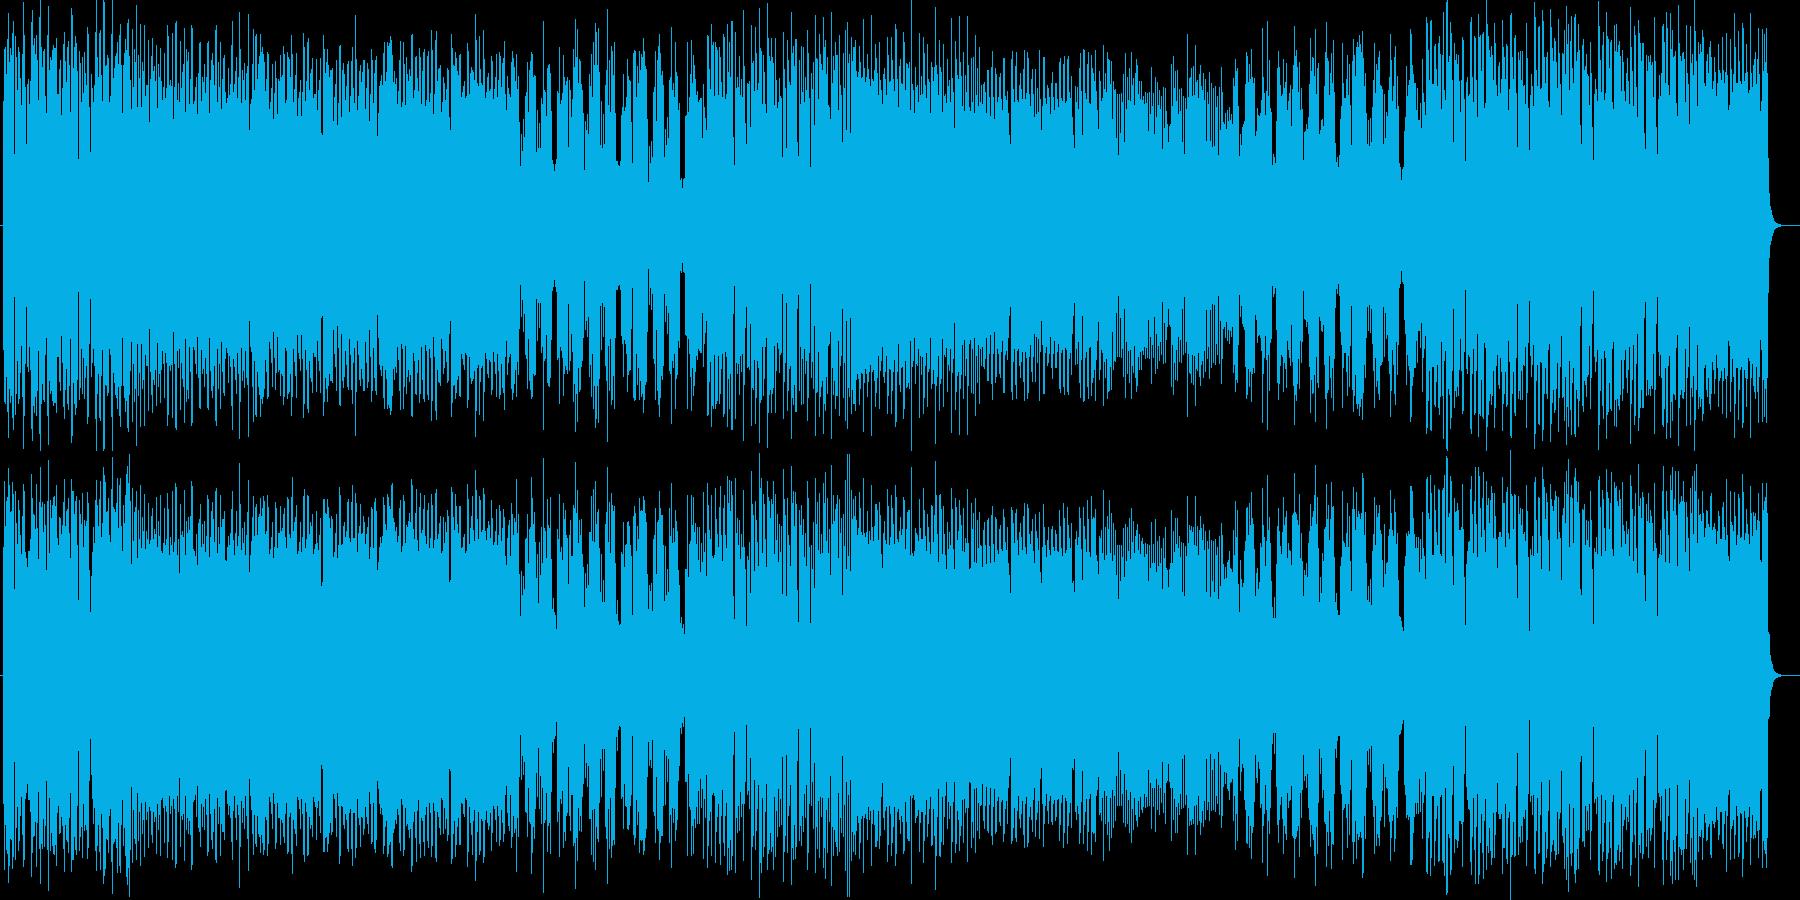 ポップで楽しいピアノとシンセの曲の再生済みの波形